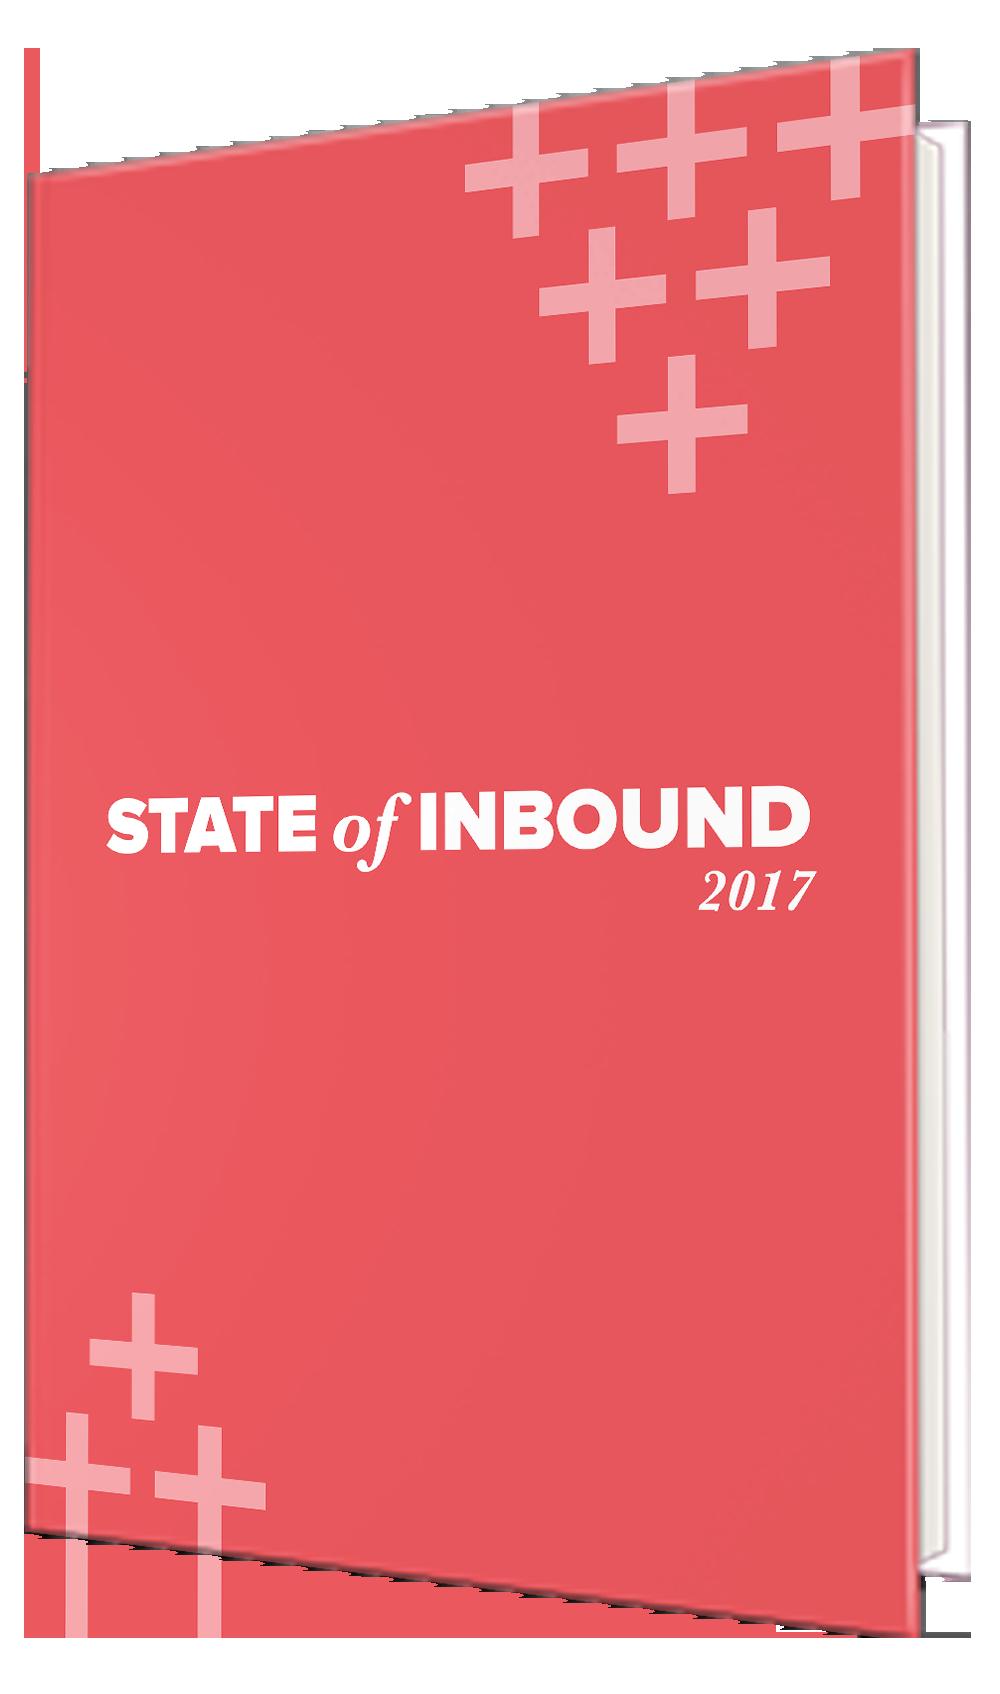 State of Inbound 2017